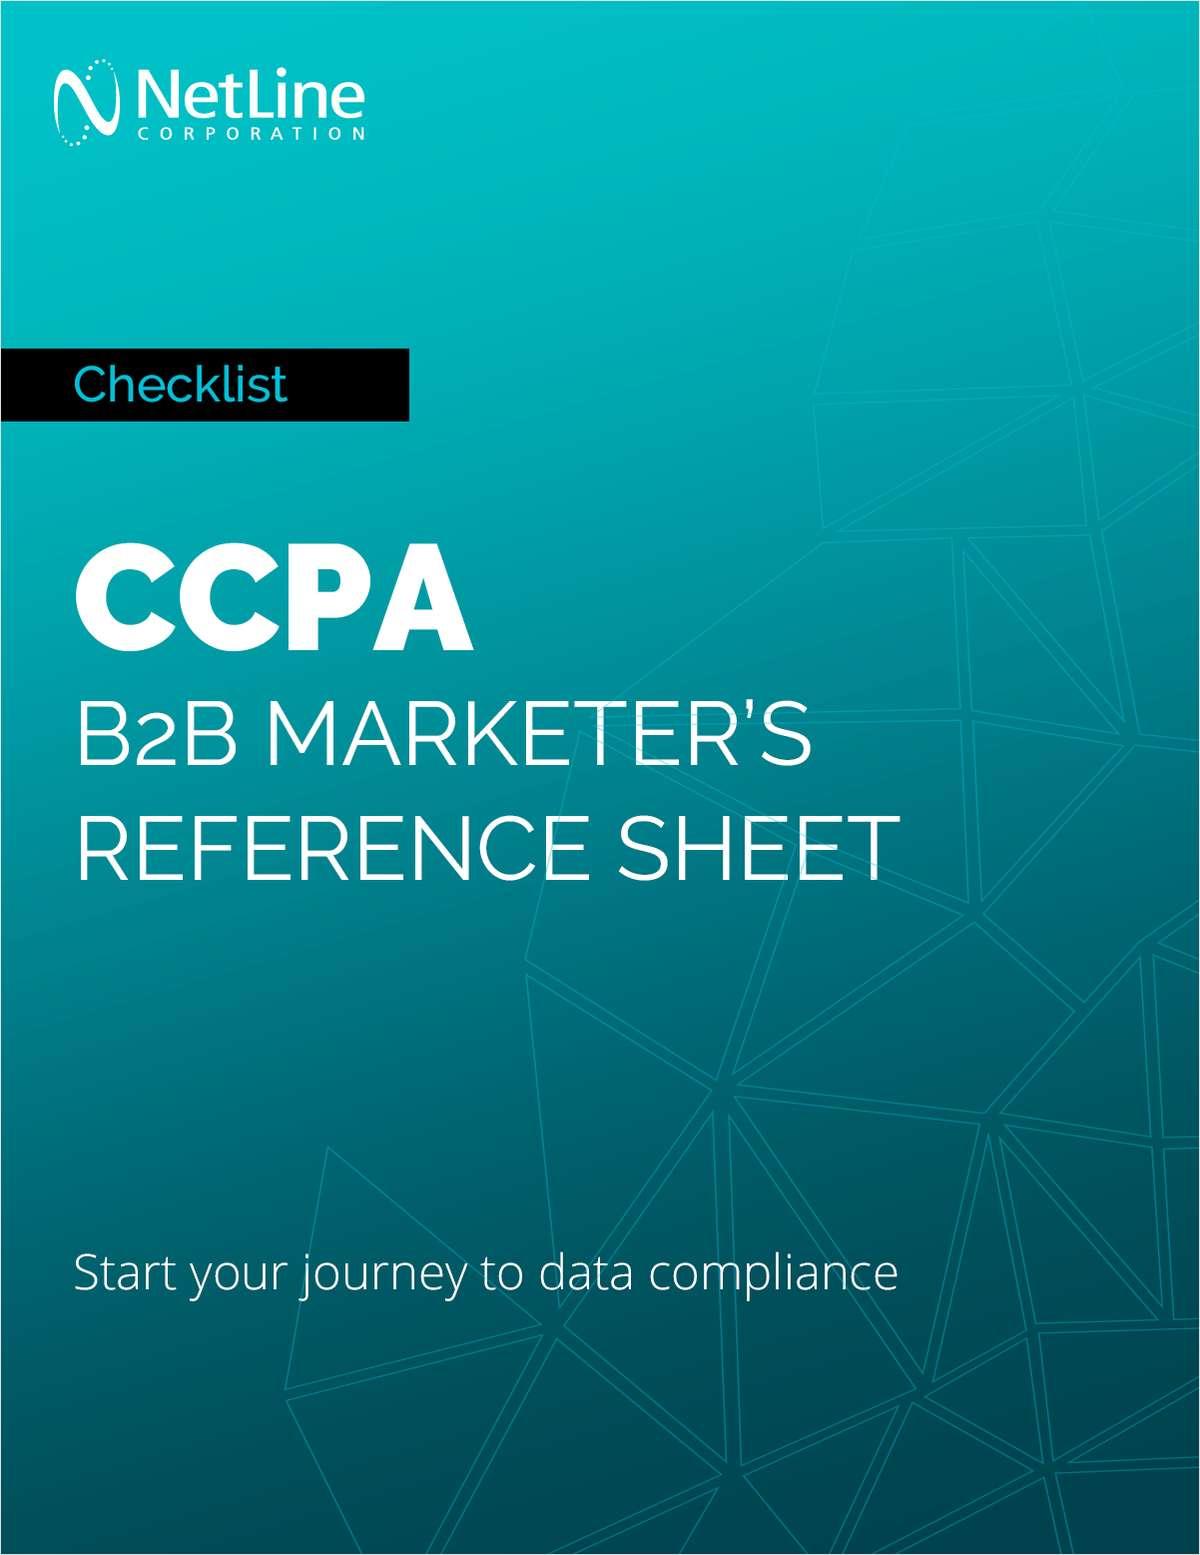 CCPA: B2B Marketer's Reference Sheet